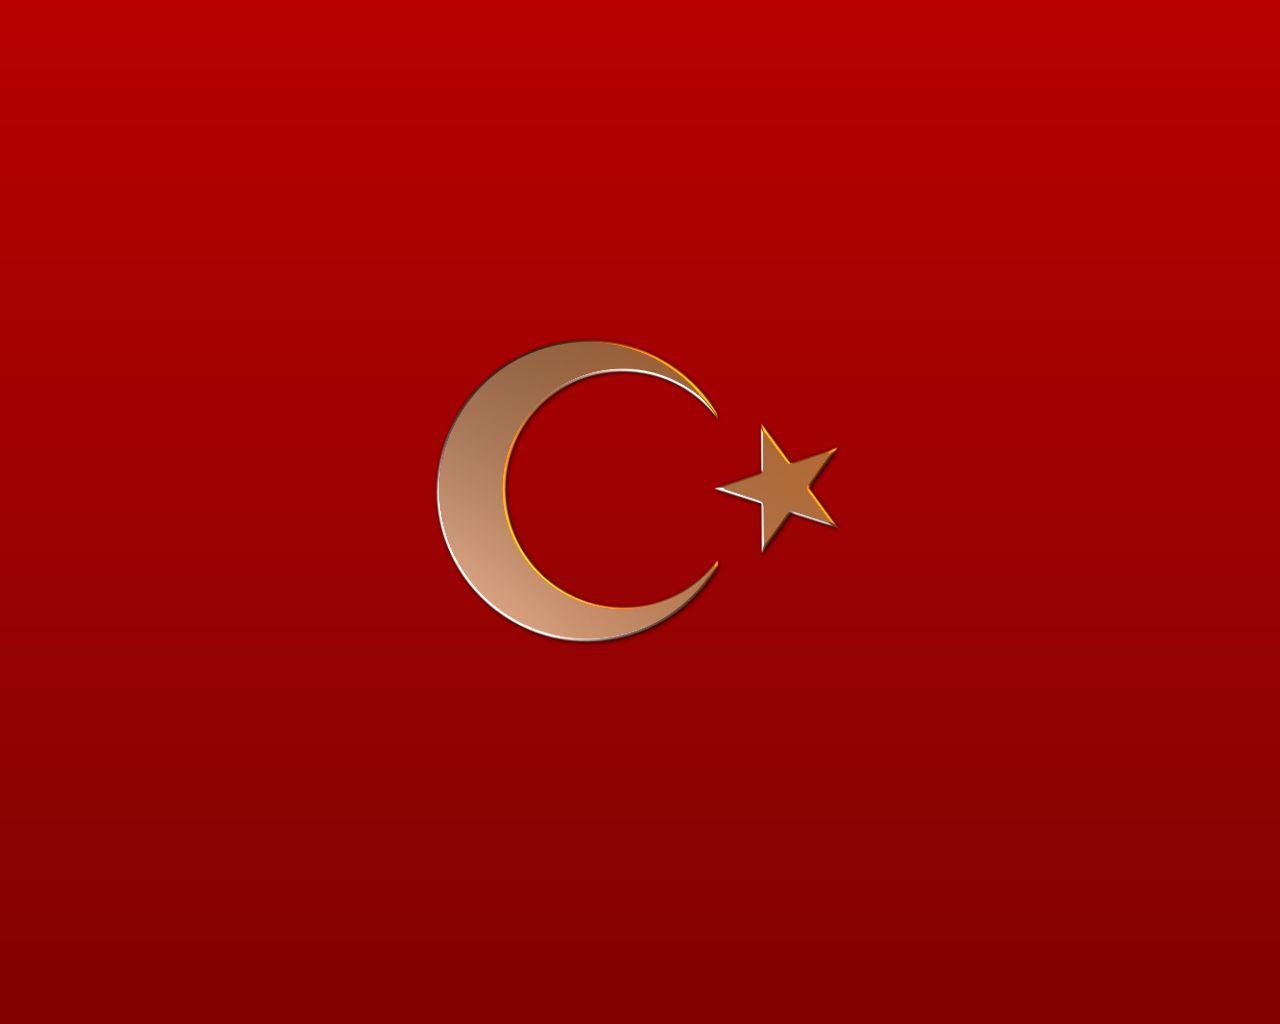 70x105 cm Türk Bayrağı